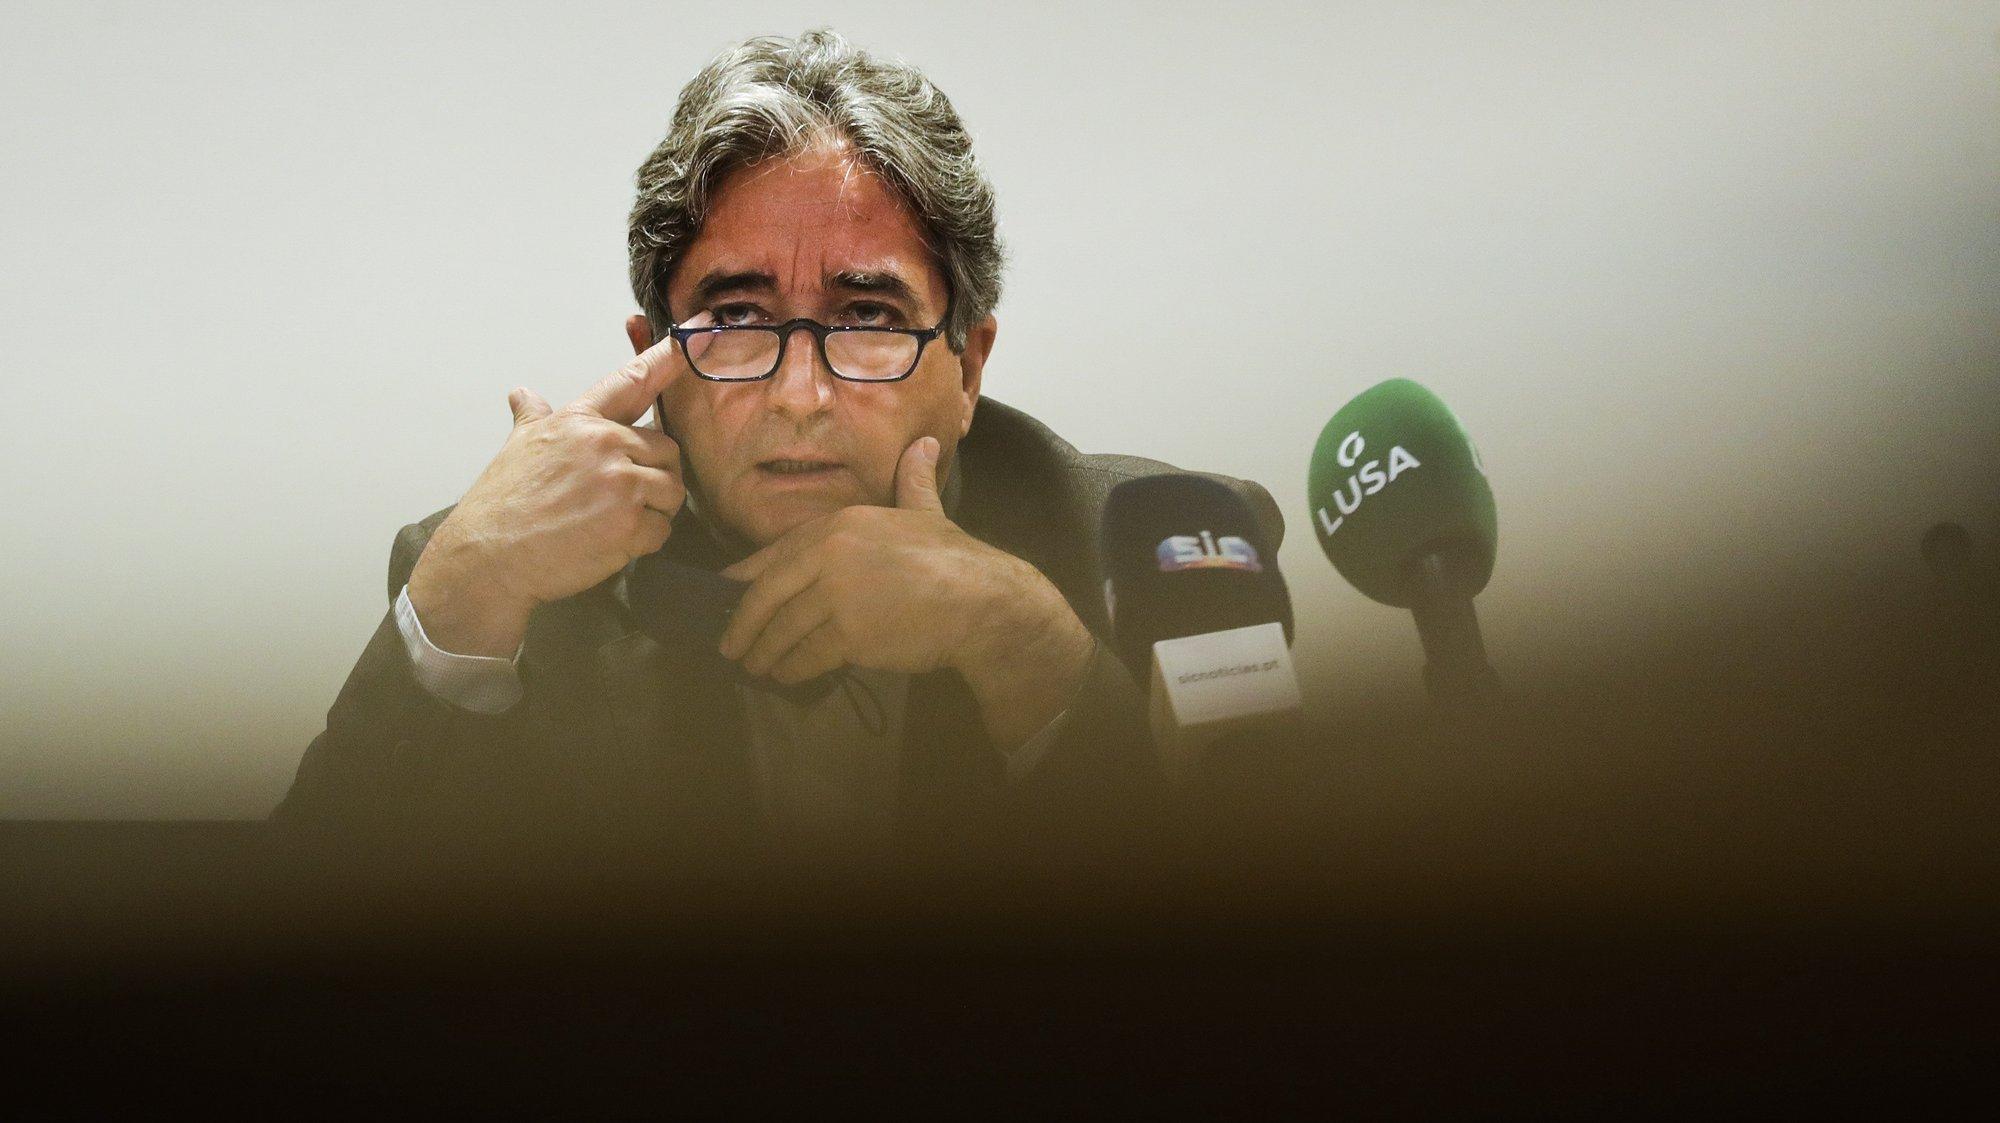 O ministro do Mar, Ricardo Serrão Santos, faz um ponto da situação sobre as possibilidades de captura da sardinha até ao final de 2021 numa conferência de imprensa na sede do ministério em Lisboa, 18 de junho de 2021. TIAGO PETINGA/LUSA